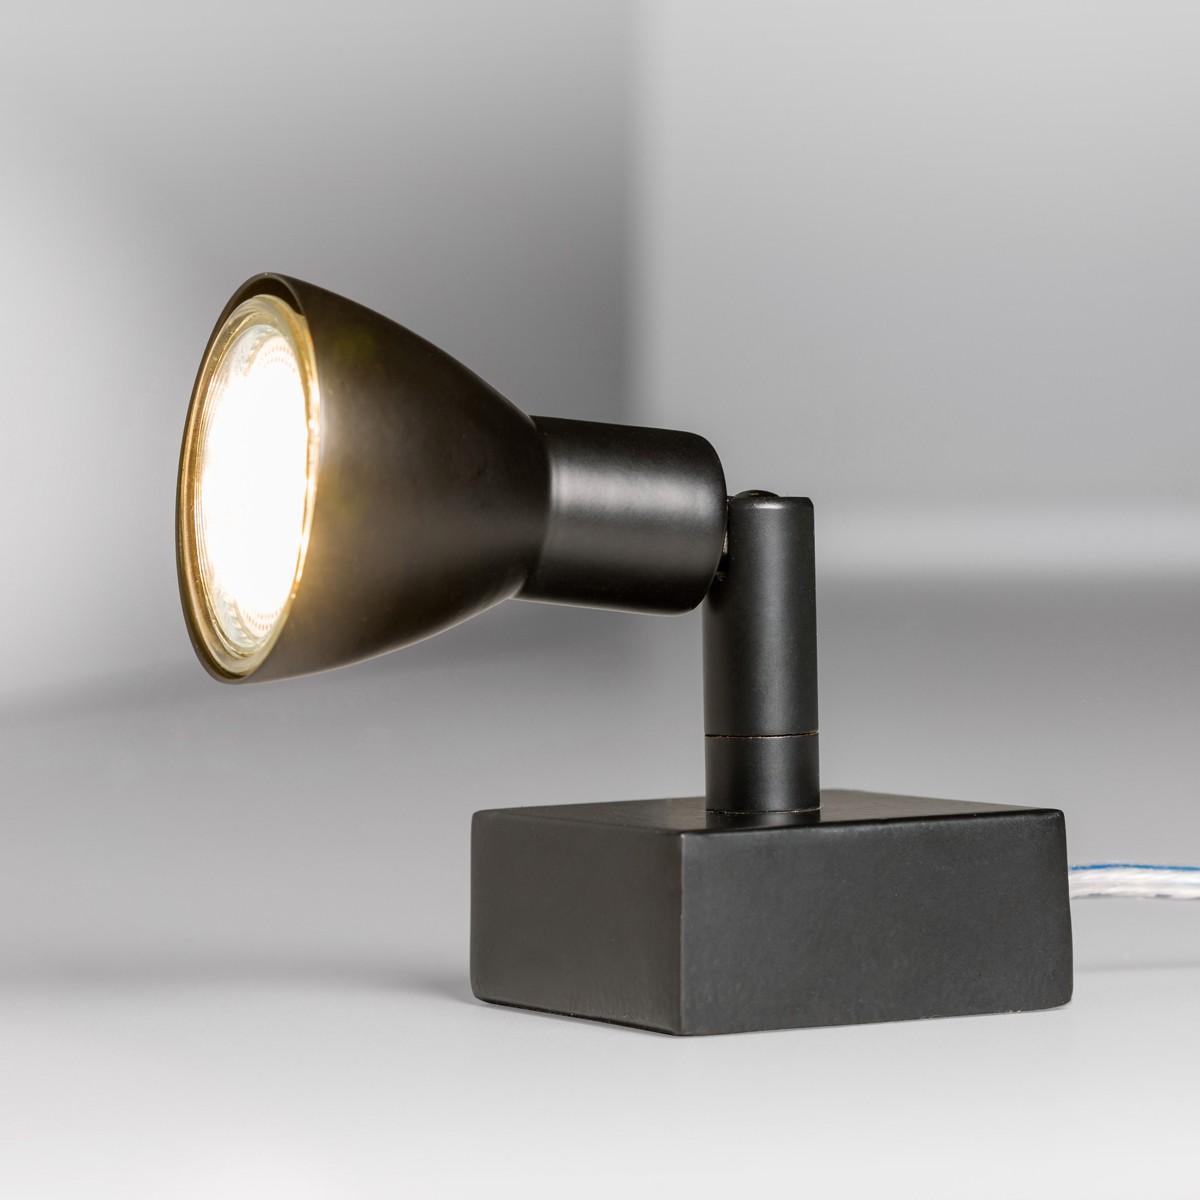 Lupia Licht Fari Tischleuchte, schwarz